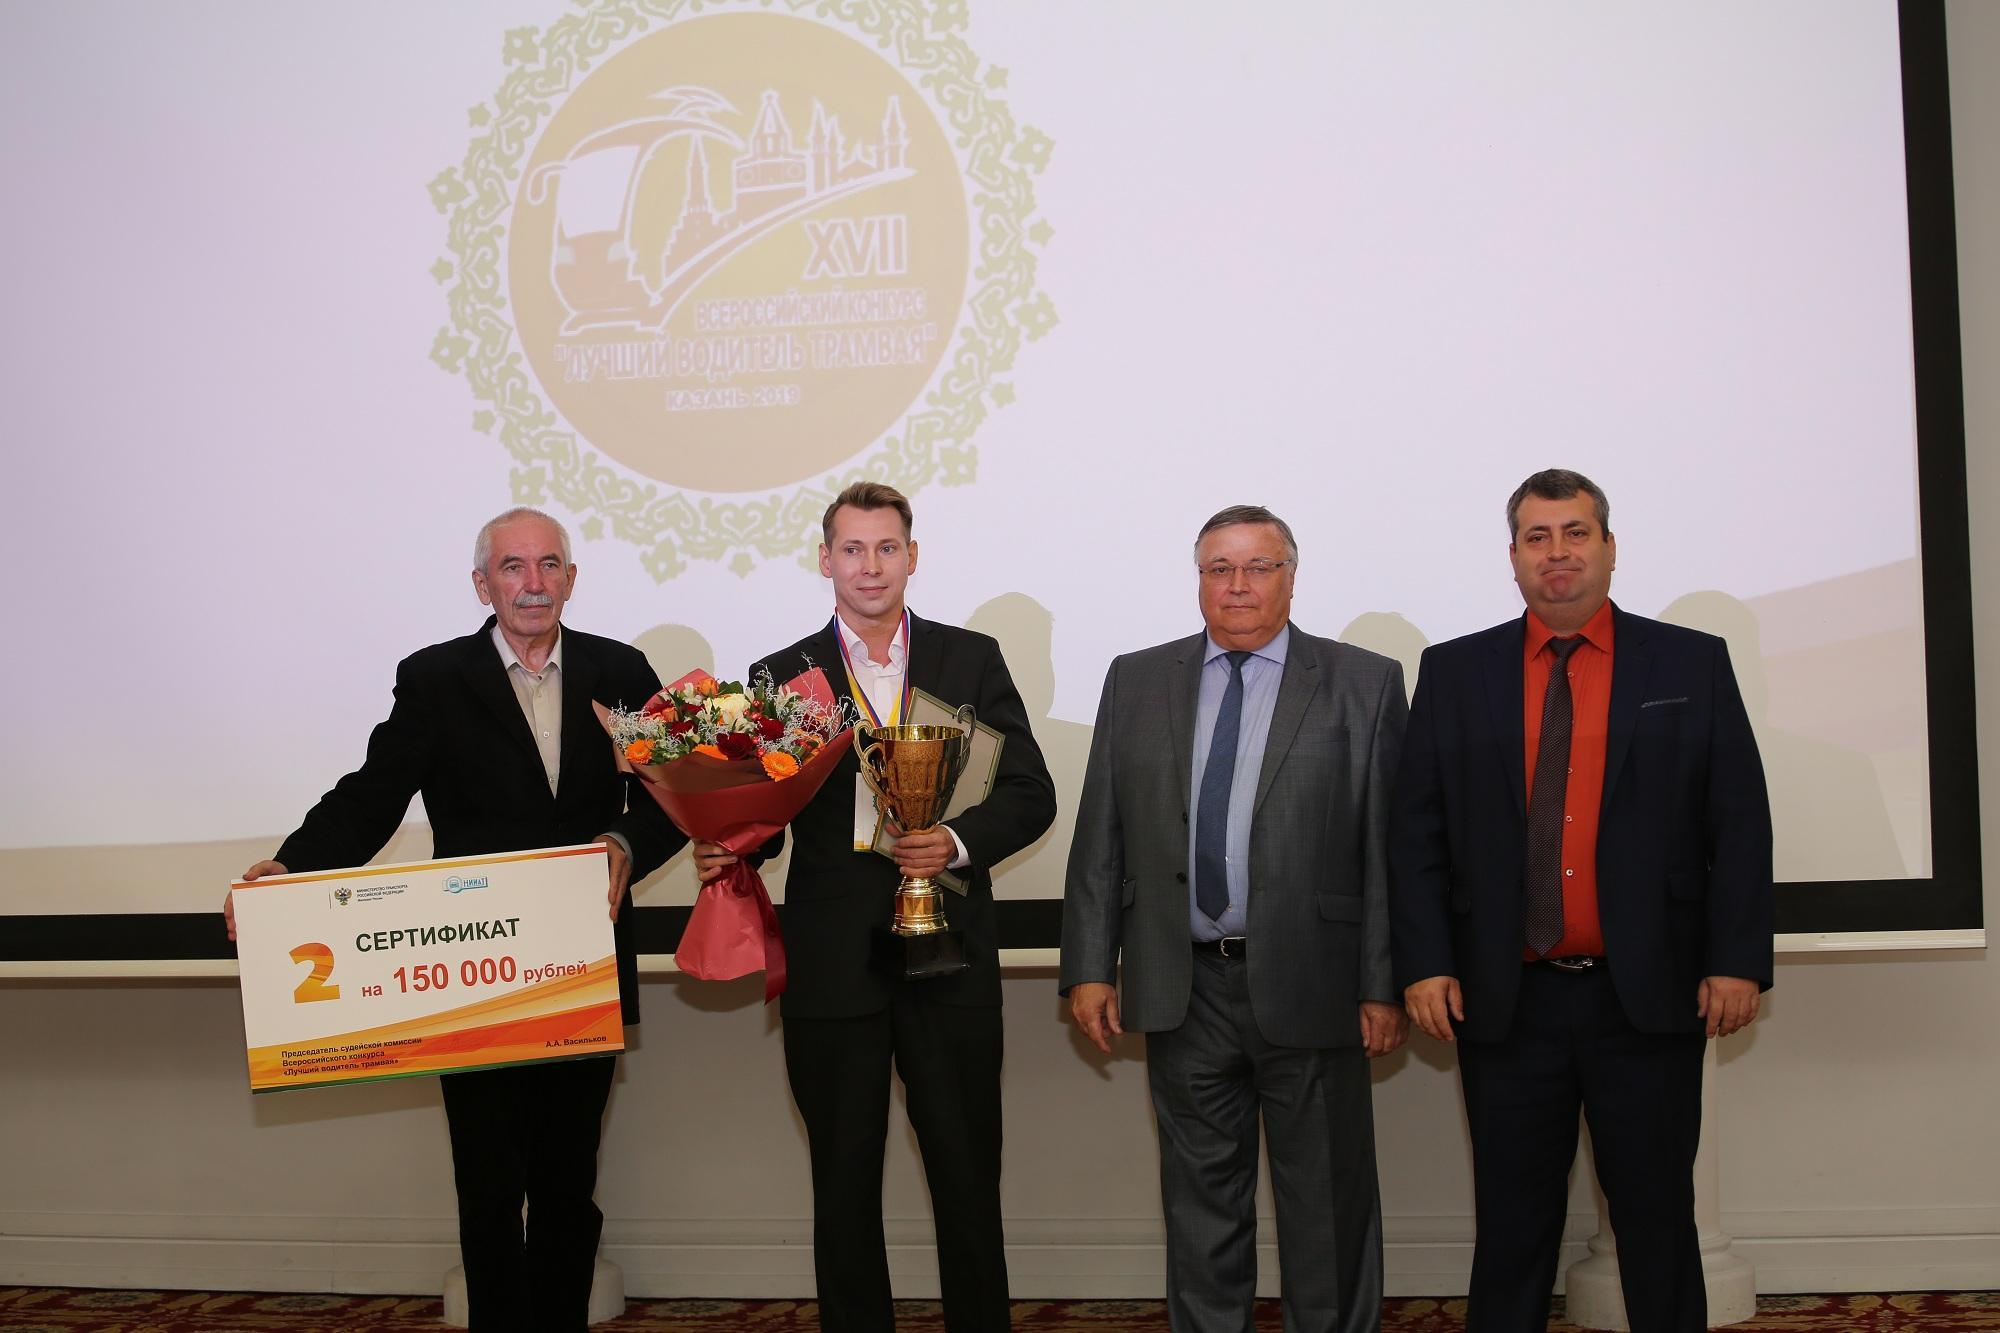 Водитель трамвая из Коломны занял второе место на Всероссийском конкурсе профессионального мастерства.